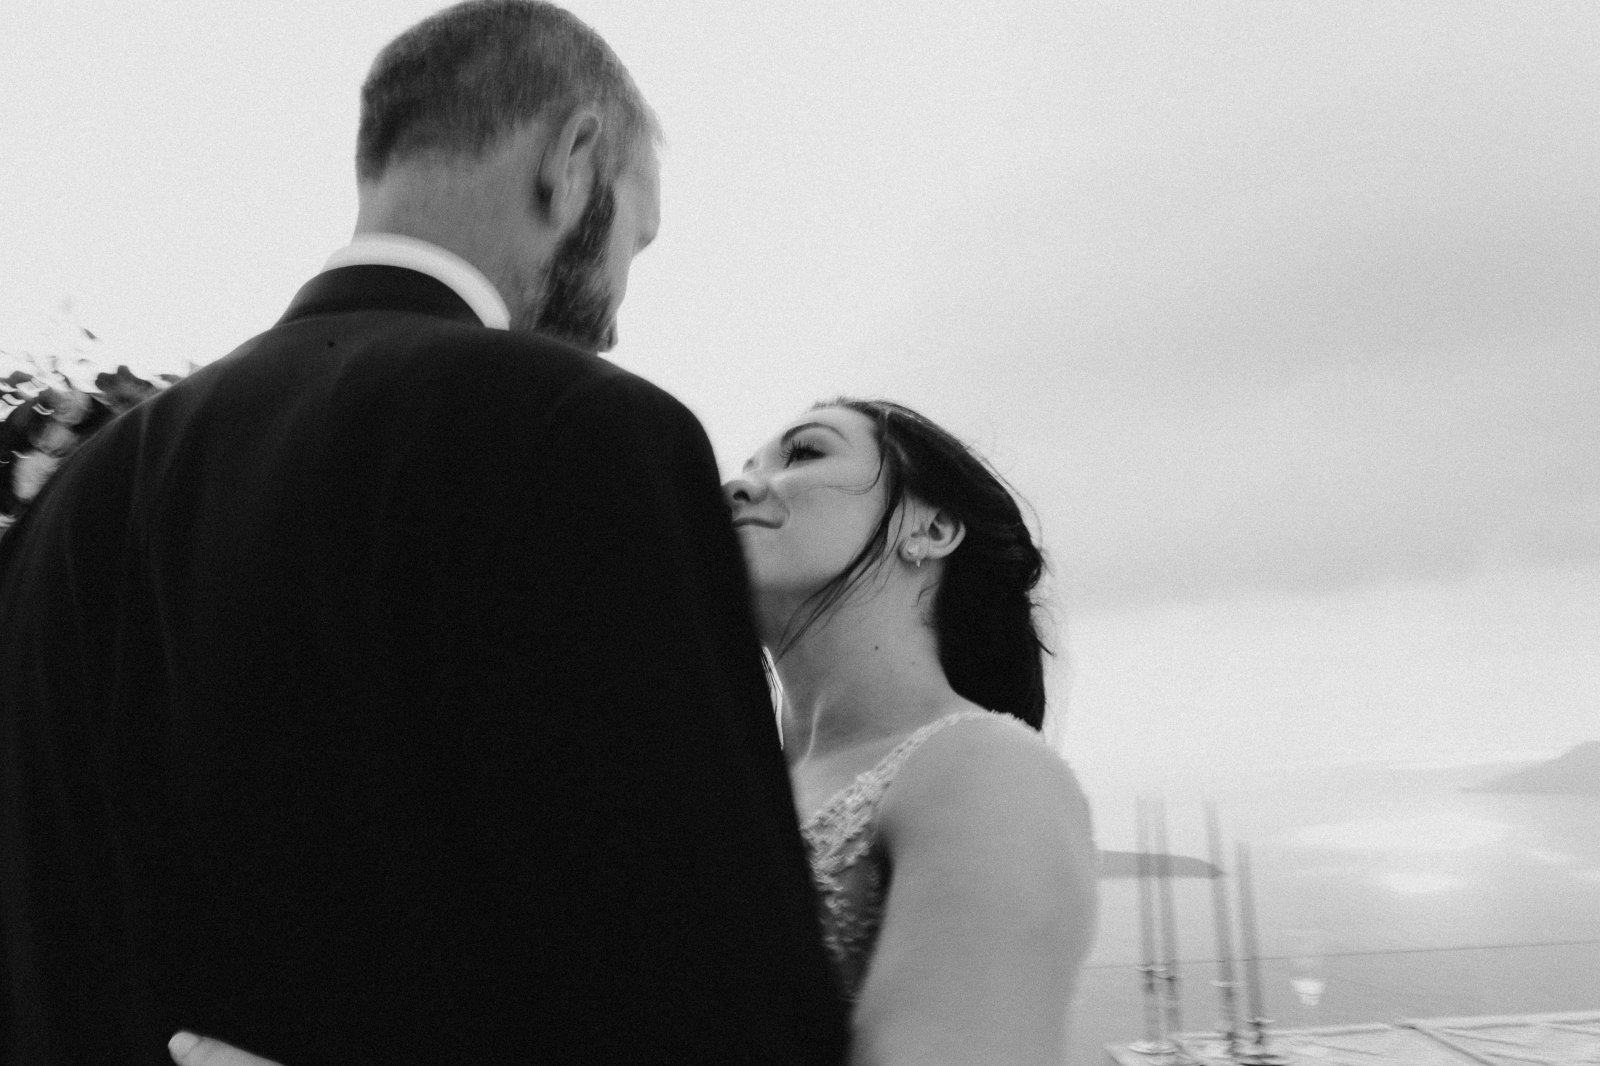 santorini-wedding-photographer64.jpg